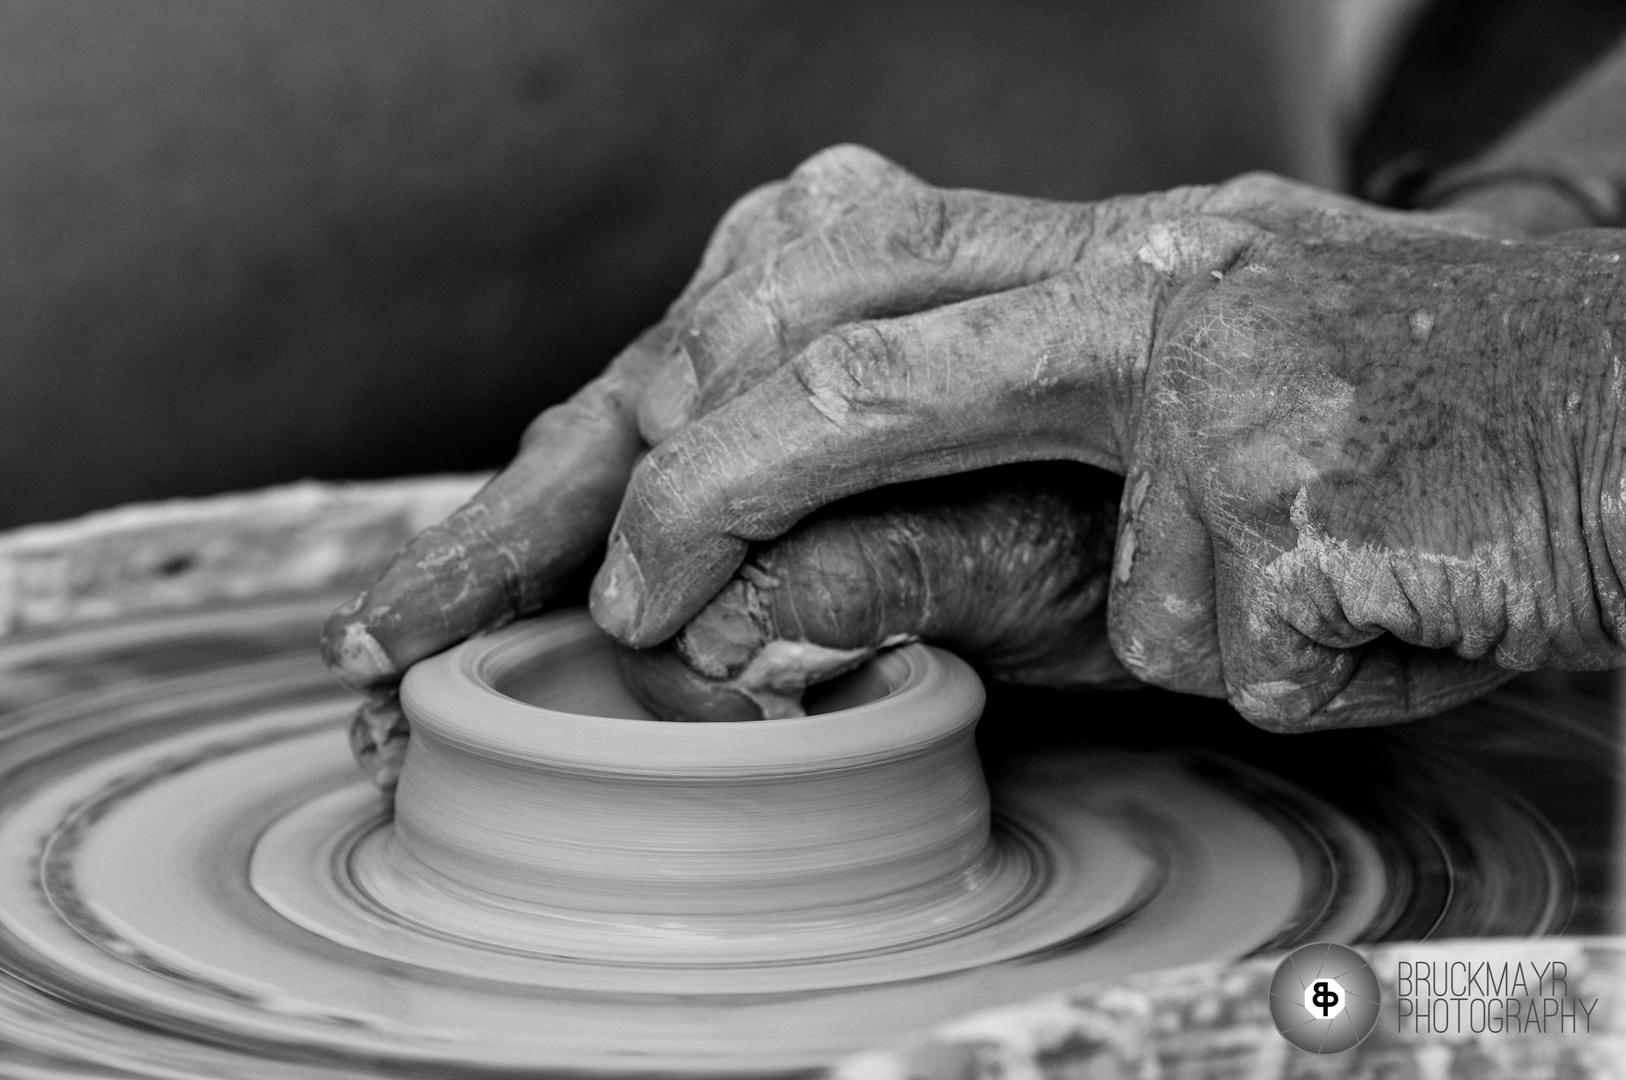 Entstehung einer Vase...